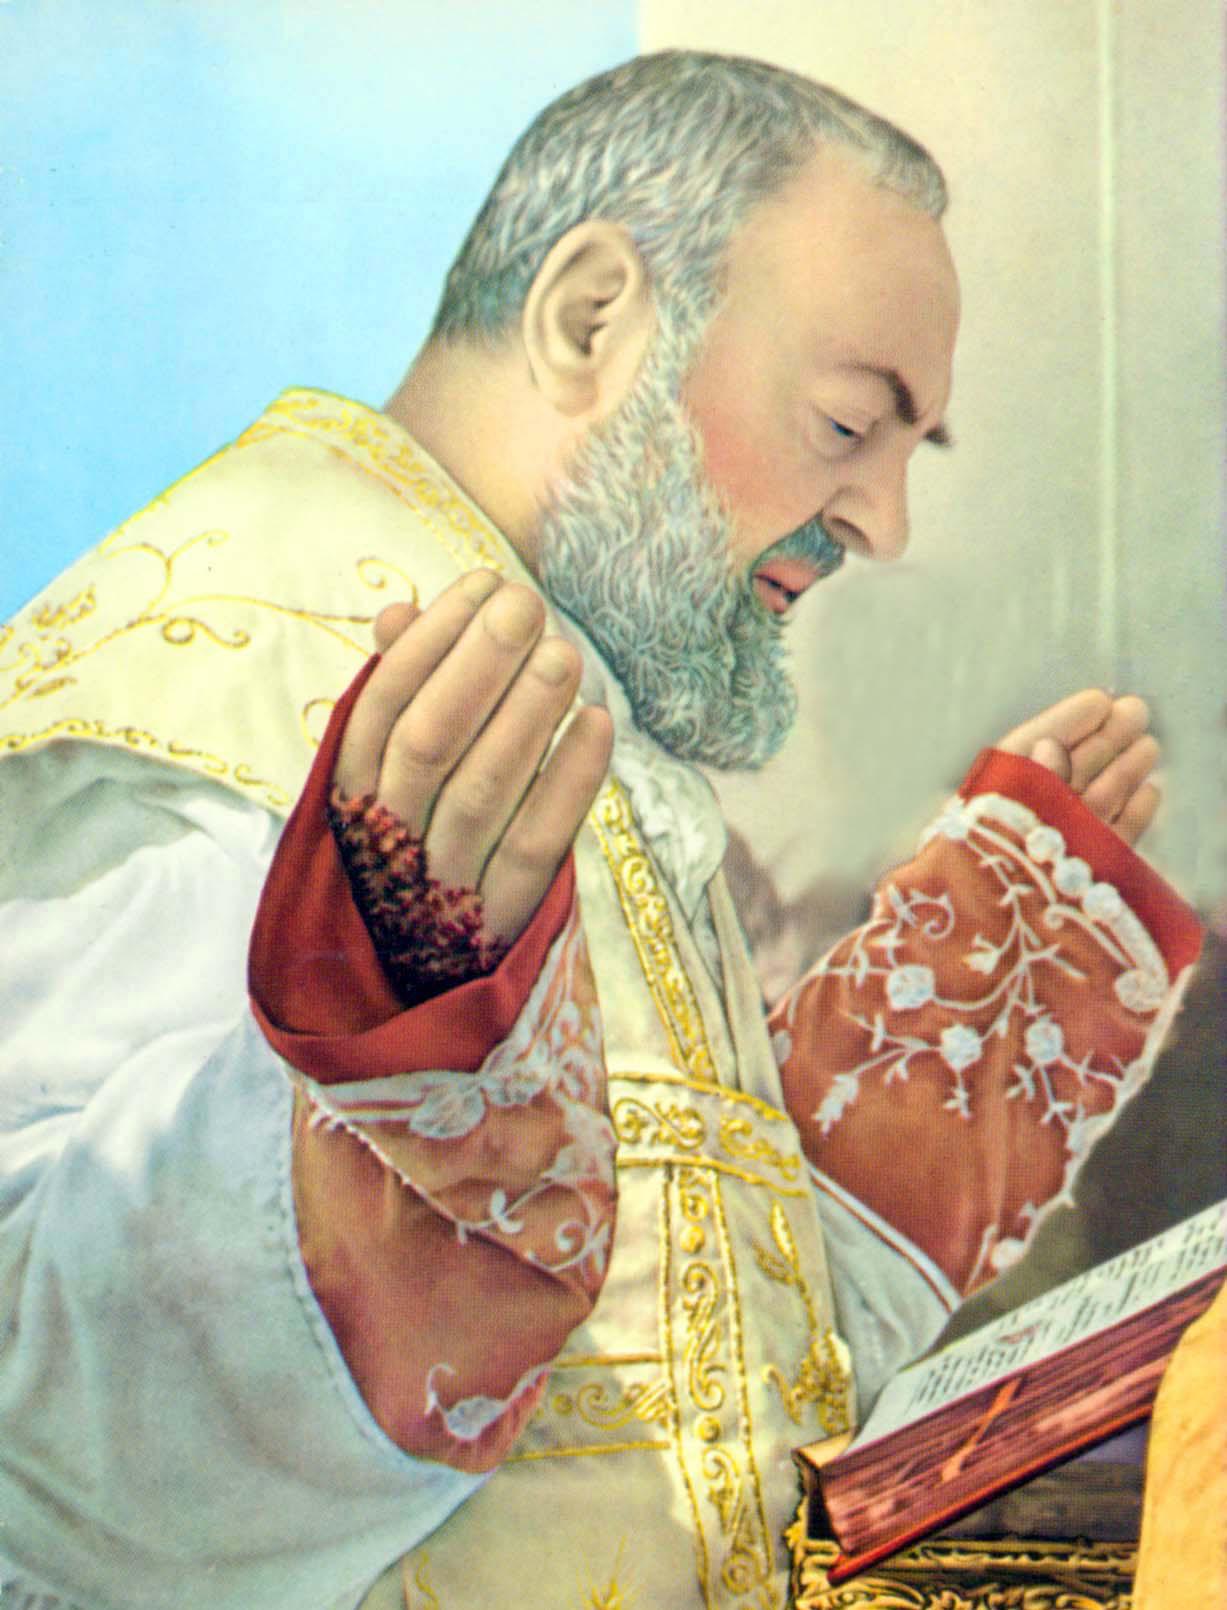 """<a href=""""https://www.palmaryanongsimbahan.org/san-pio-ng-pietrelcina/"""" title=""""San Pio ng Pietrelcina"""">San Pio ng Pietrelcina<br><br>Tingnan pa</a>"""